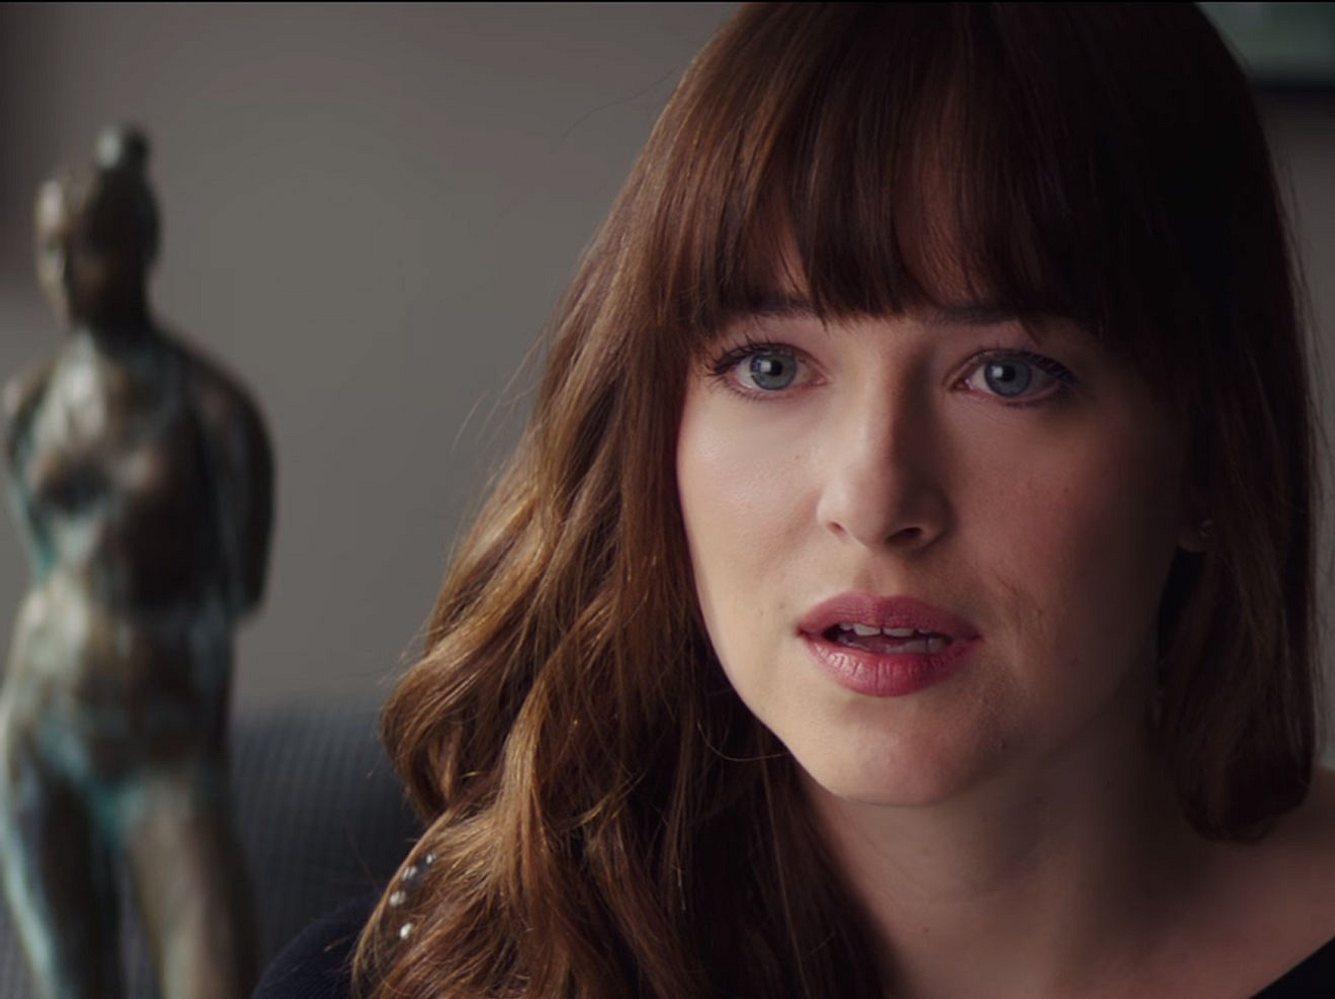 Schwanger von Christian Grey! Ana kann es nicht fassen, als sie die freudige Nachricht in Fifty Shades of Grey - Befreite Lust hört!